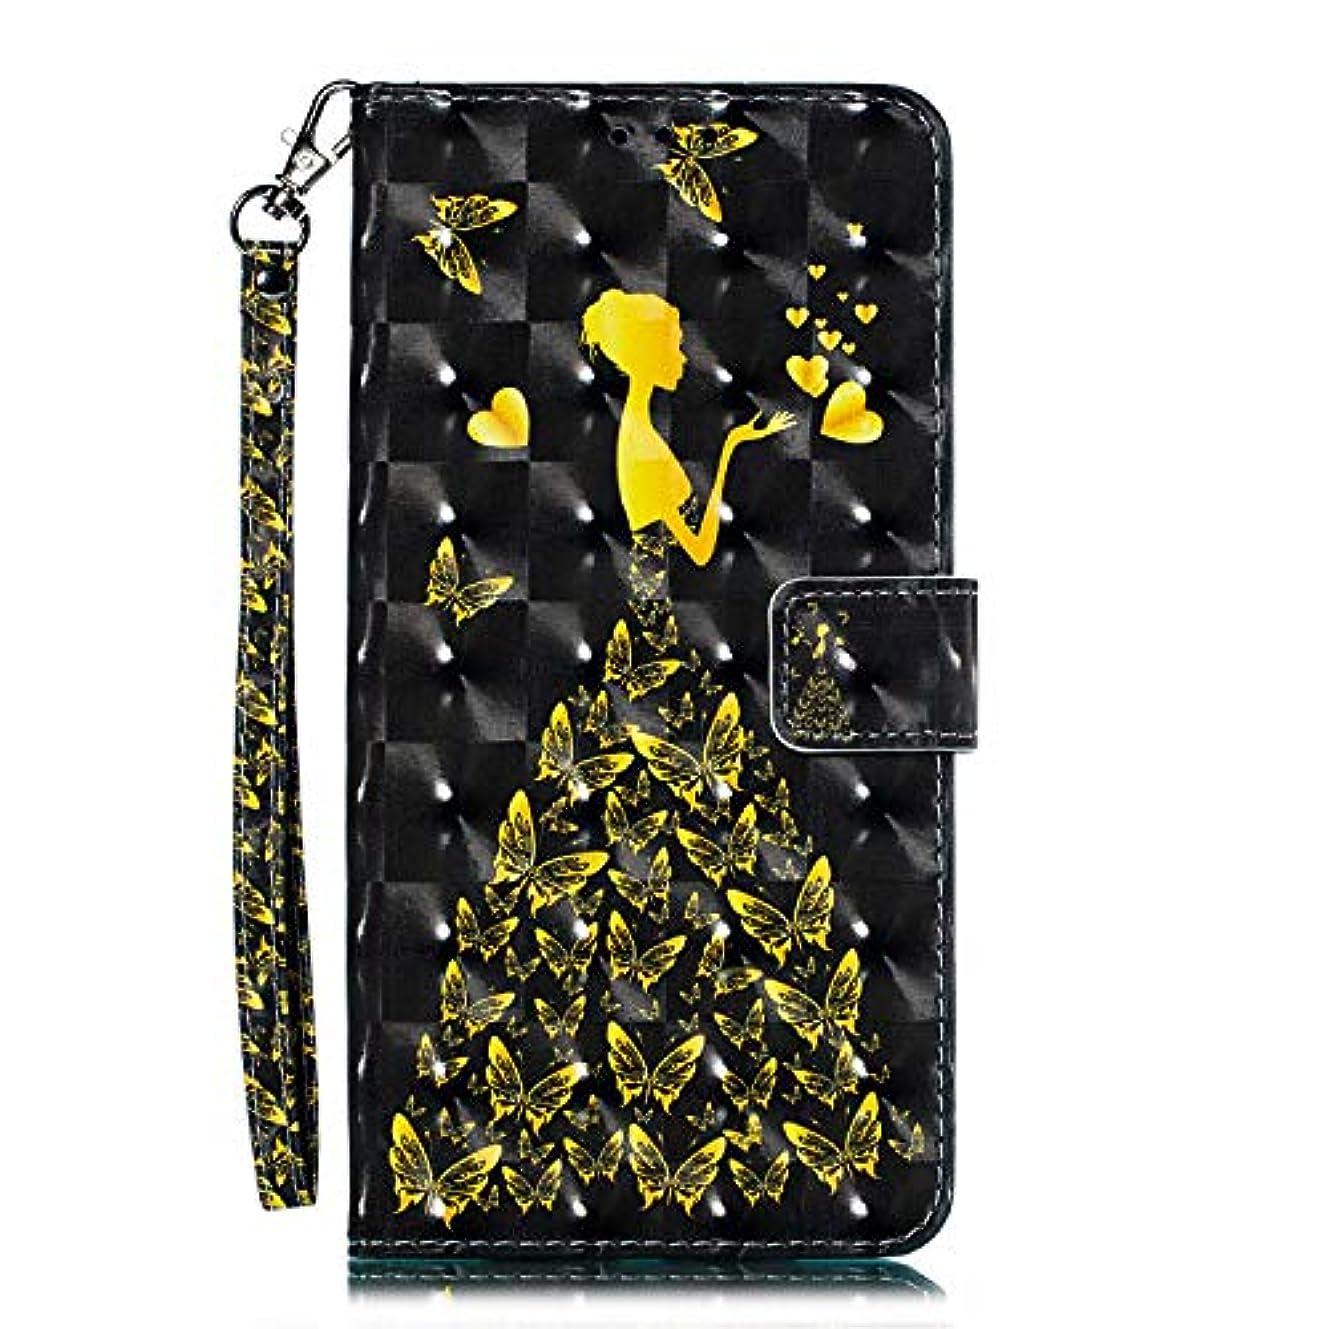 教授とんでもない薬理学OMATENTI Galaxy M30 ケース, トレンディでクール 人気 新製品 薄型 PU レザー 財布型 ケース, 3Dカラーパターン おしゃれ 手帳カバー き スタンド機能 マグネット開閉式 カード収納付 Galaxy M30 用 Case Cover, 蝶の少女